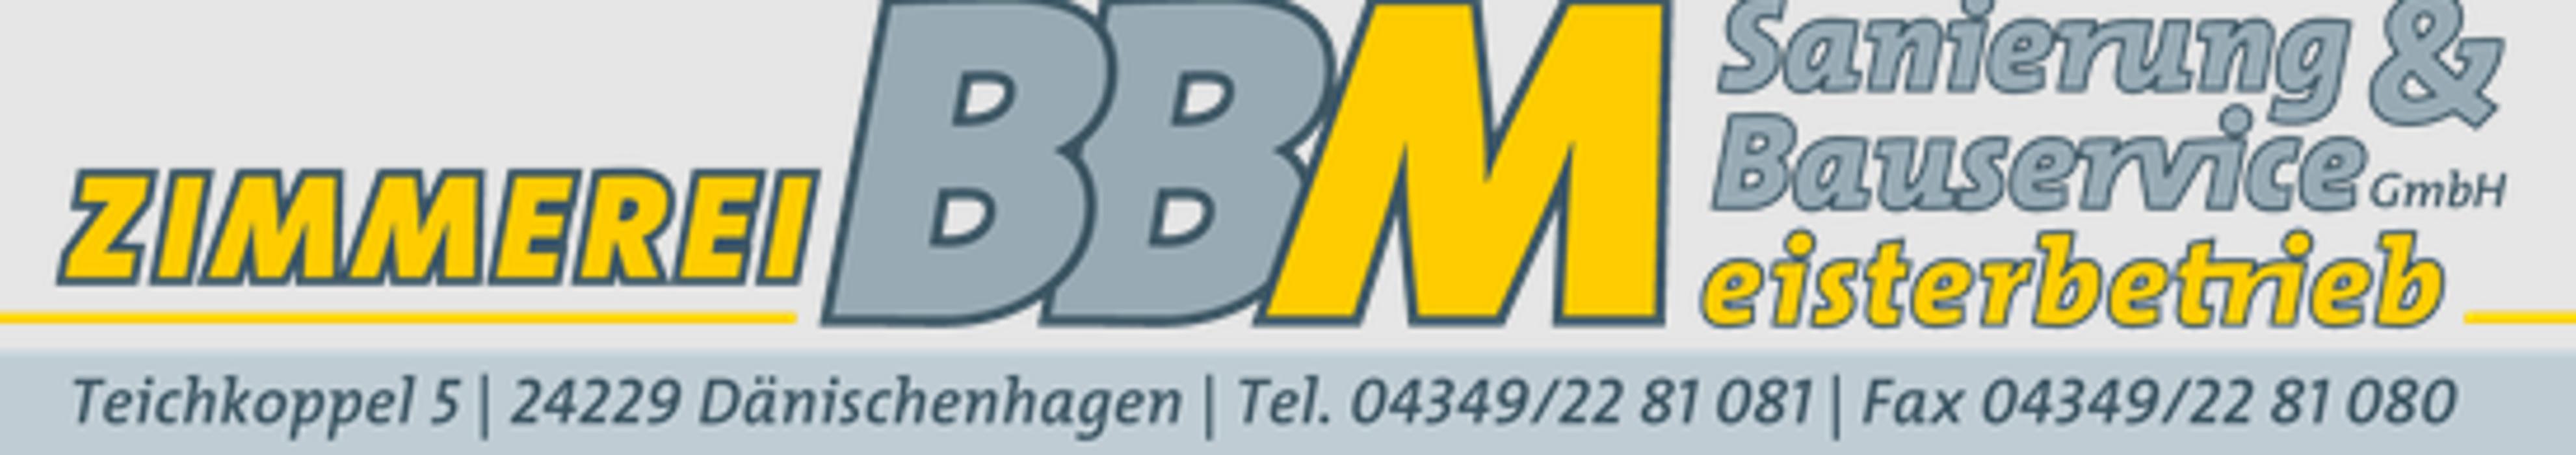 Bild zu BBM Sanierung & Bauservice GmbH Meisterbetrieb in Dänischenhagen